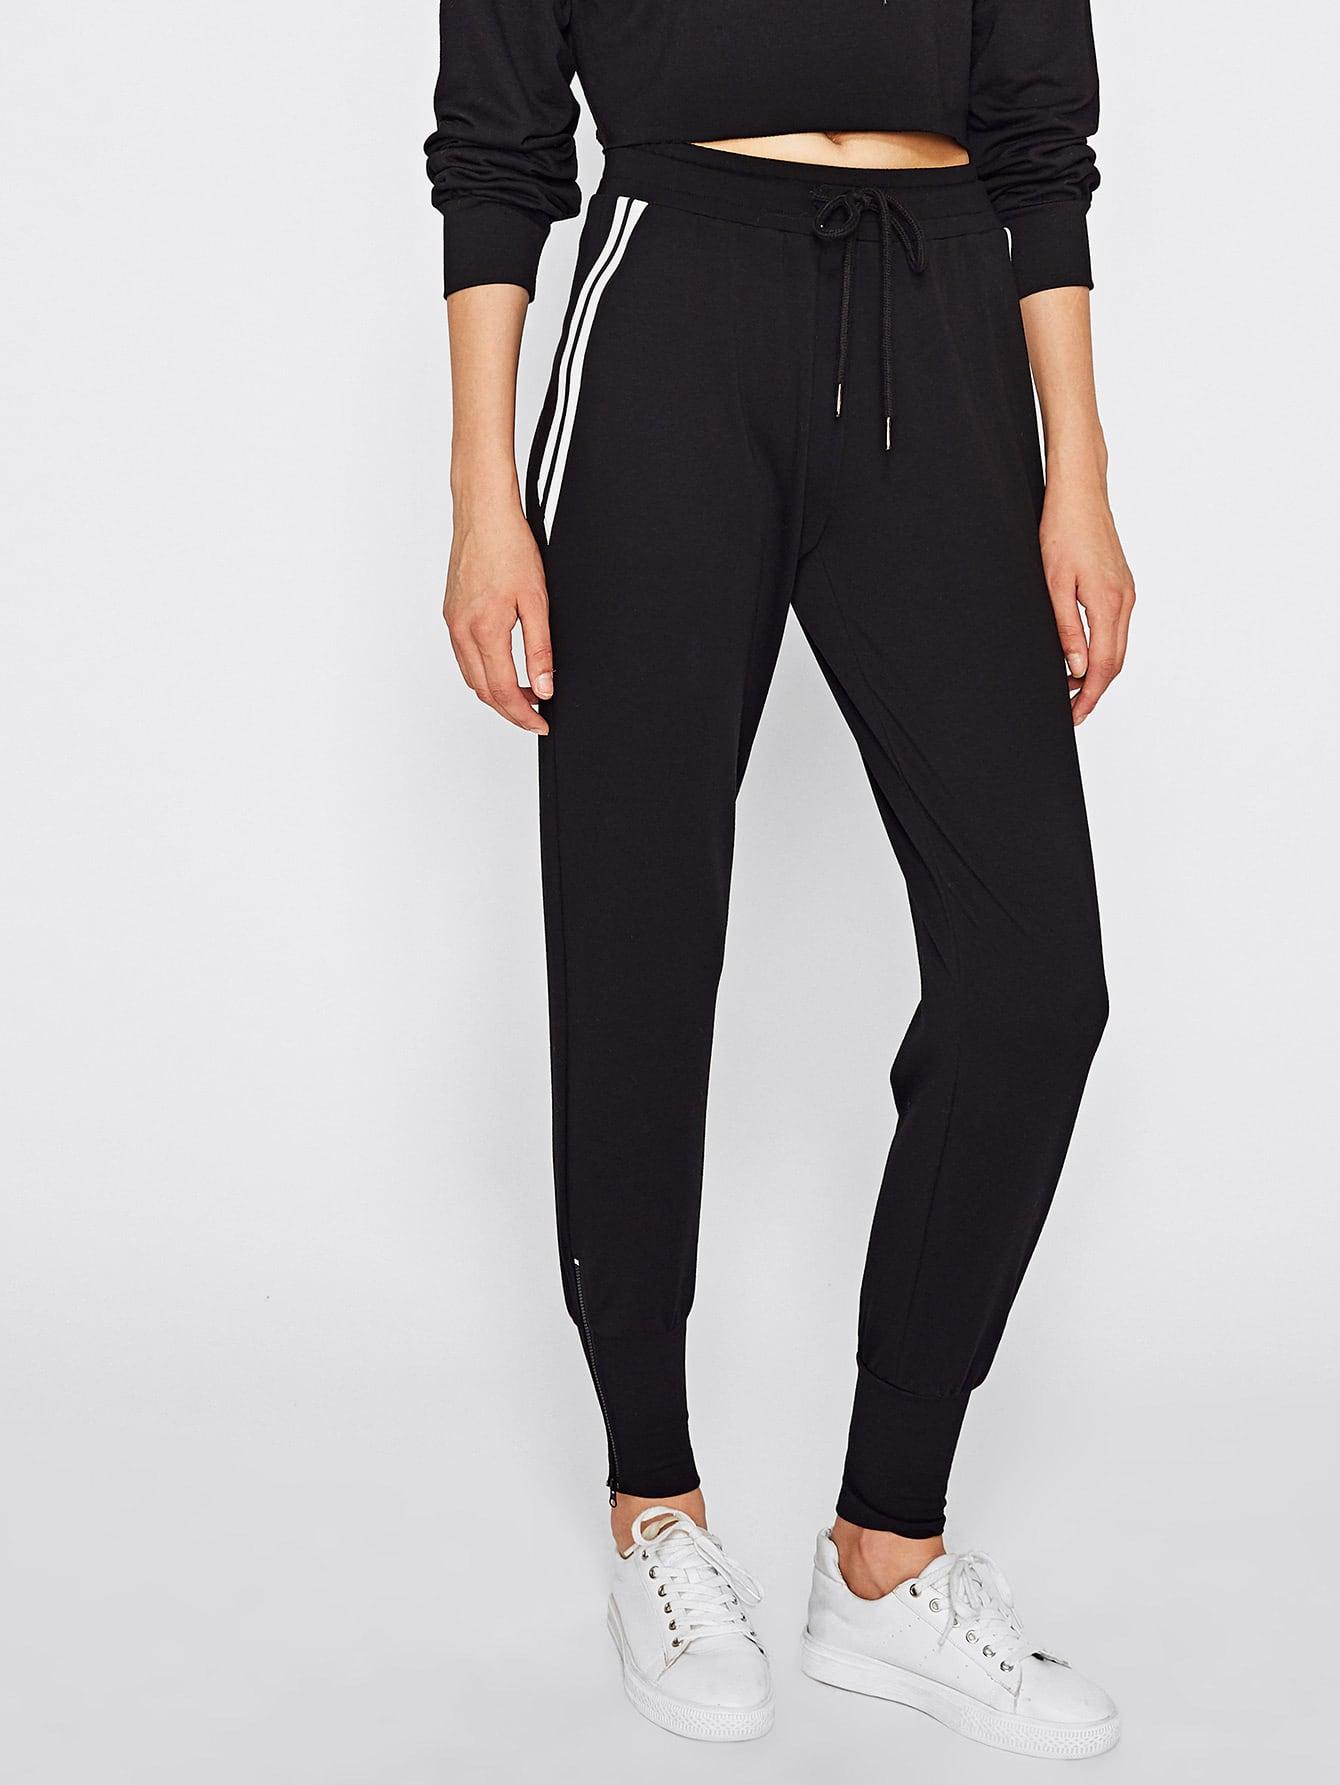 Zip Embellished Striped Side Sweatpants men side striped embellished jogger